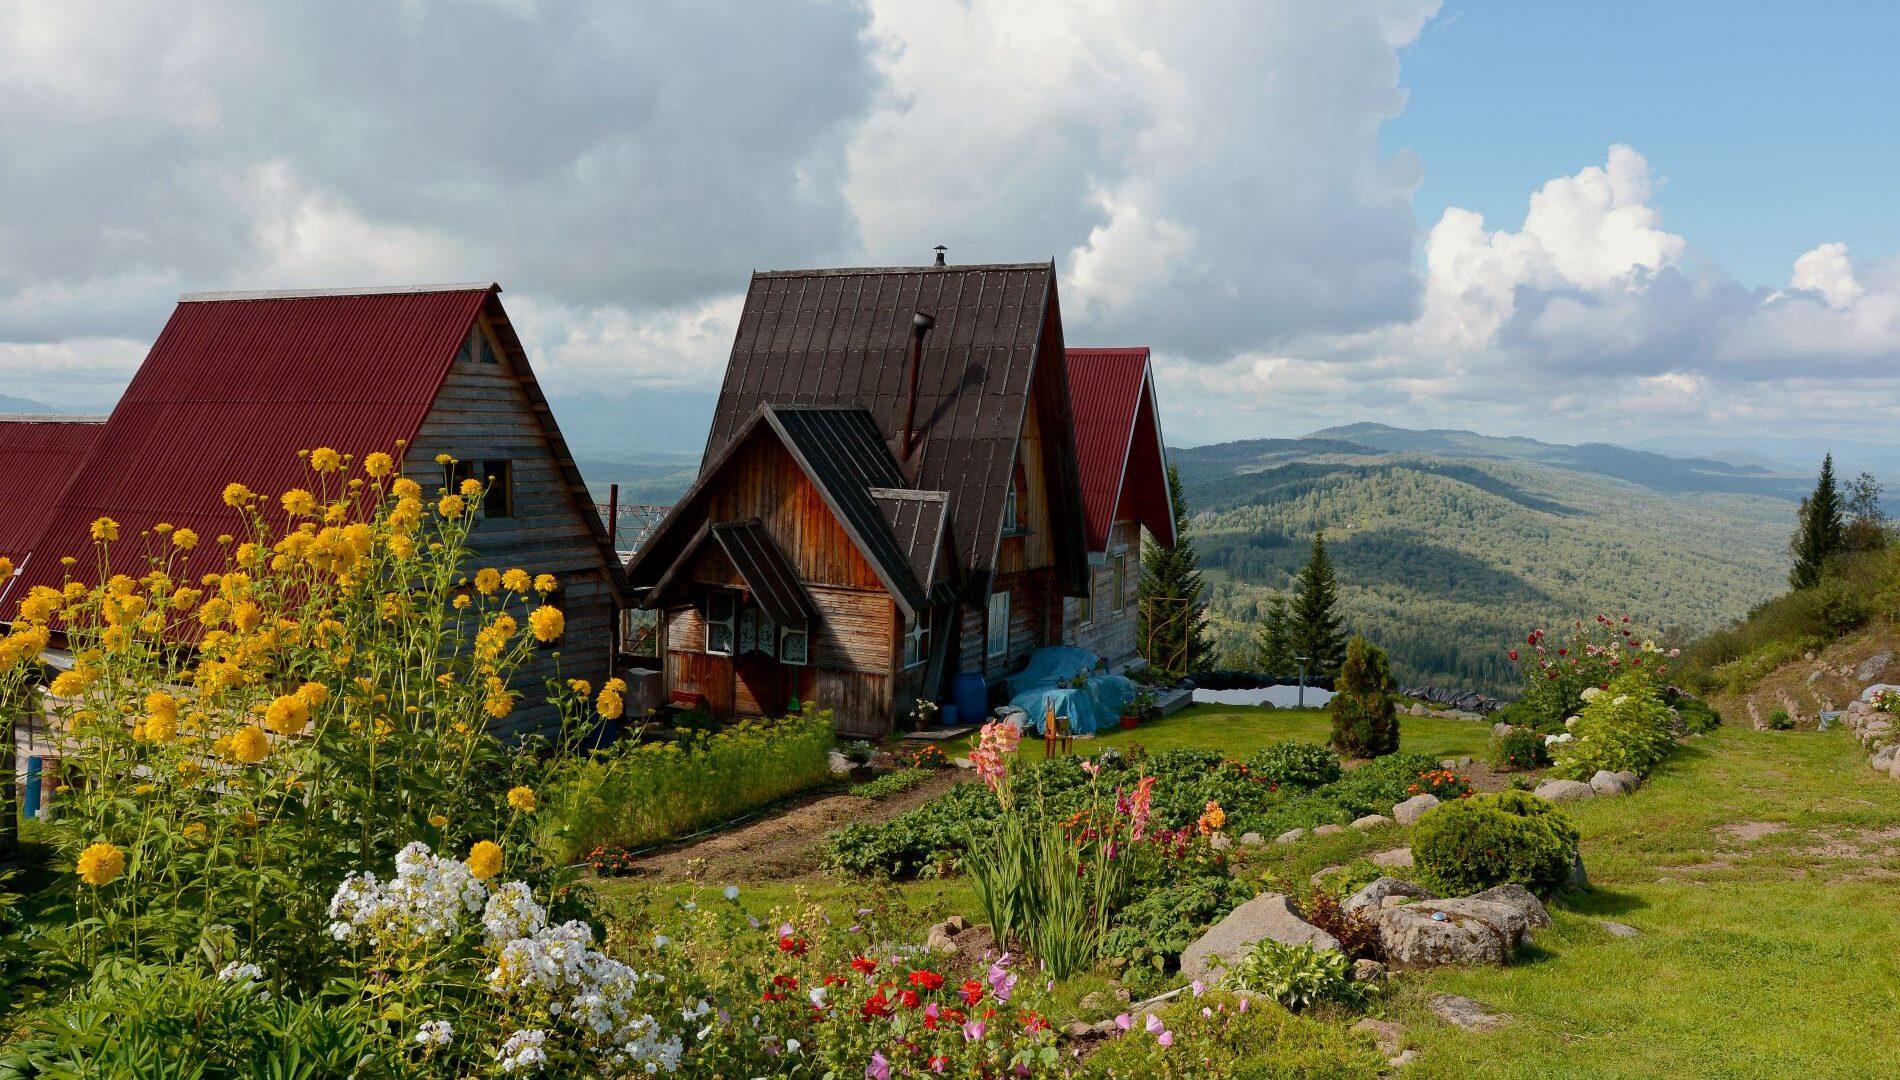 Andare a Vivere in un Ecovillaggio (in Italia o all'Estero)